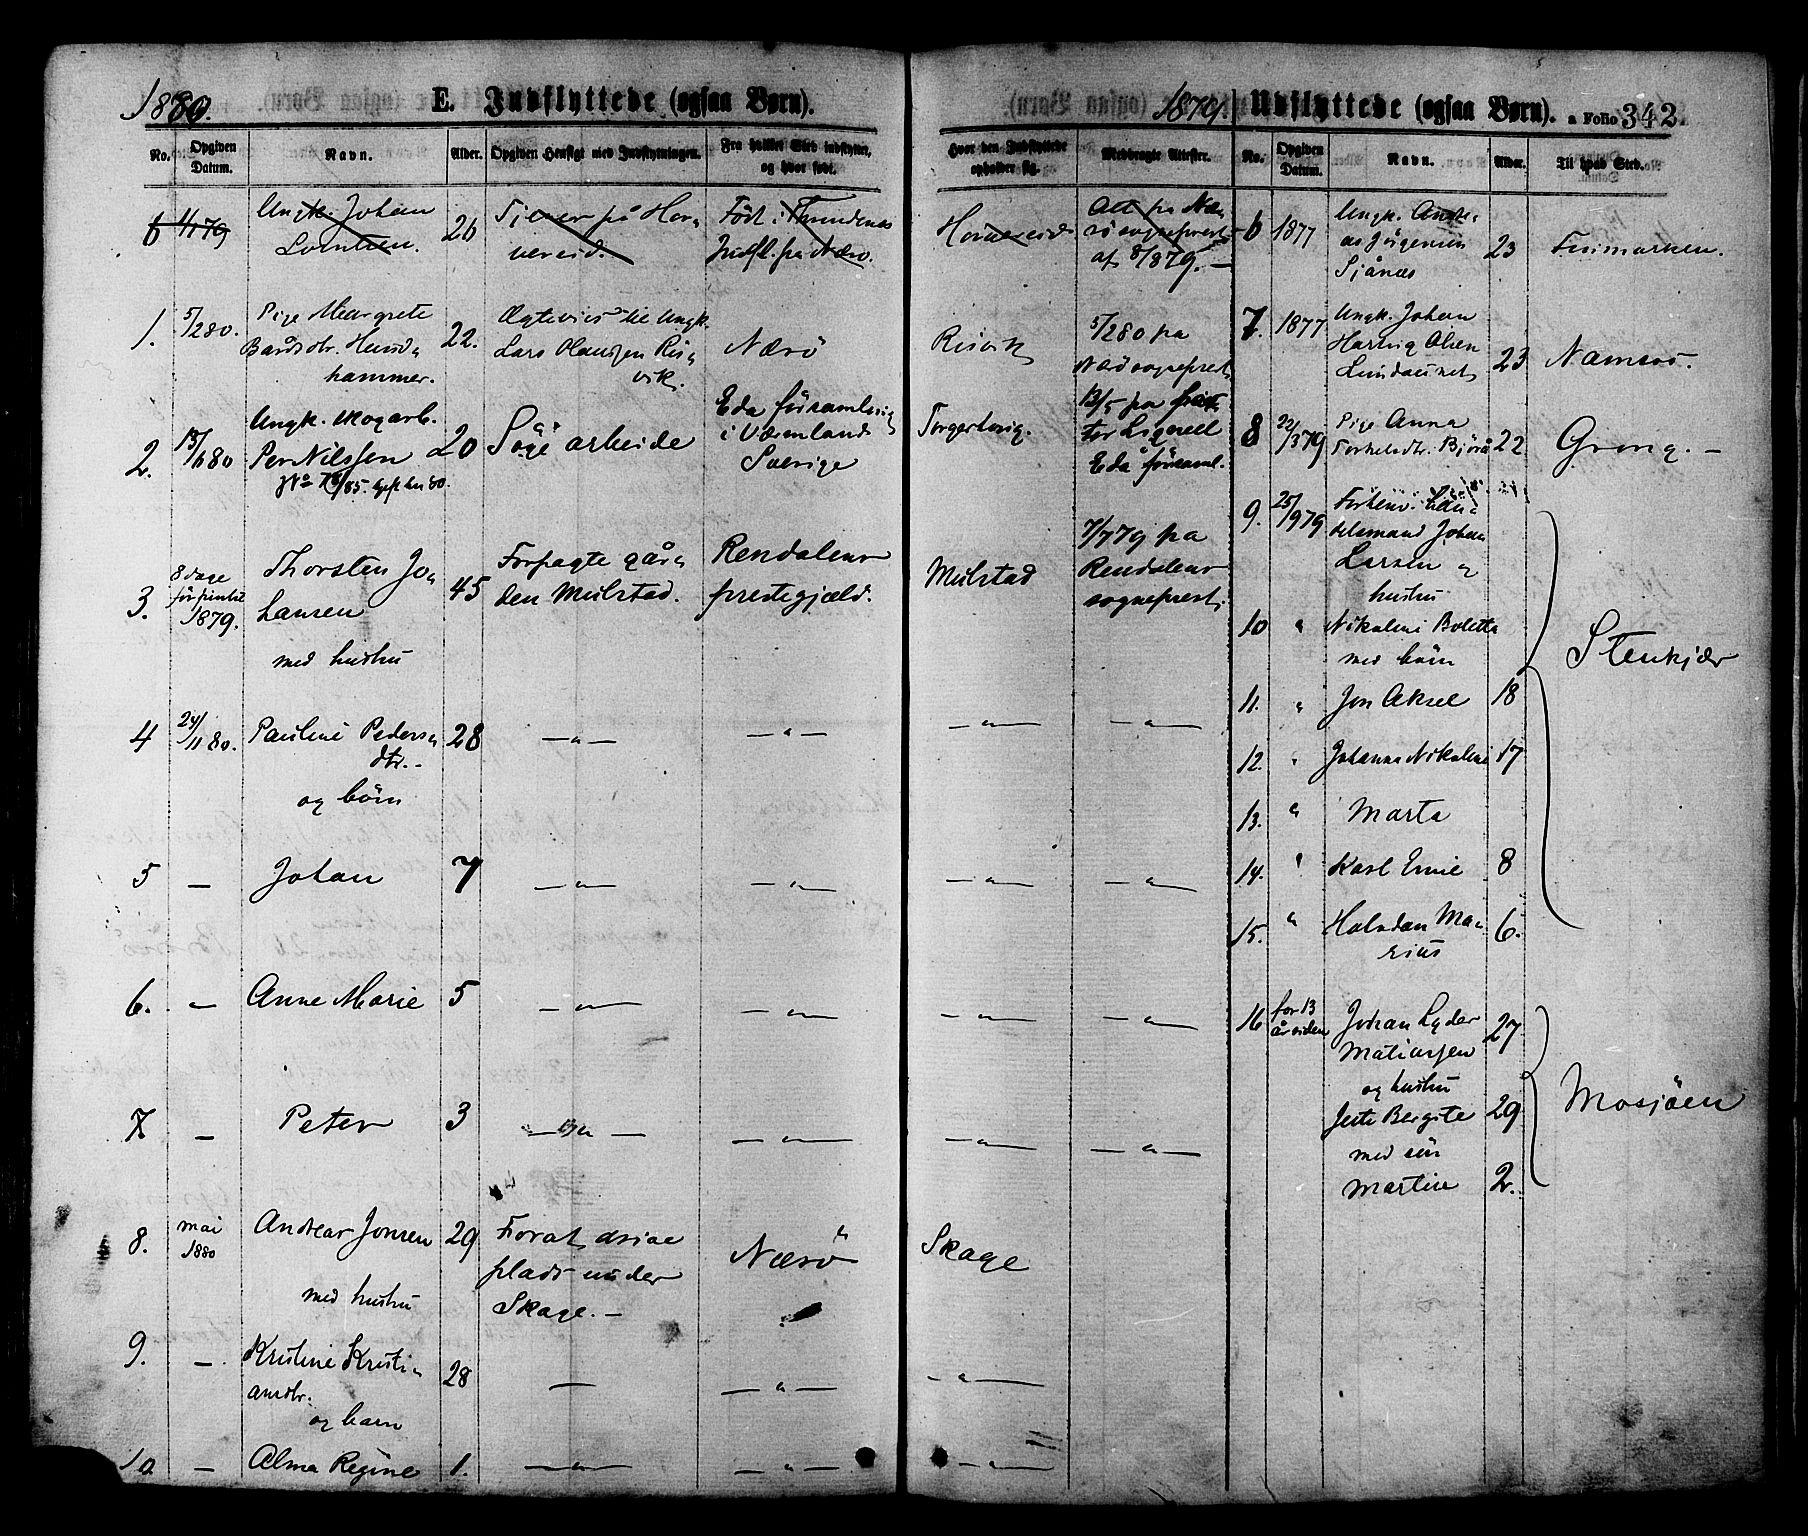 SAT, Ministerialprotokoller, klokkerbøker og fødselsregistre - Nord-Trøndelag, 780/L0642: Ministerialbok nr. 780A07 /1, 1874-1885, s. 342